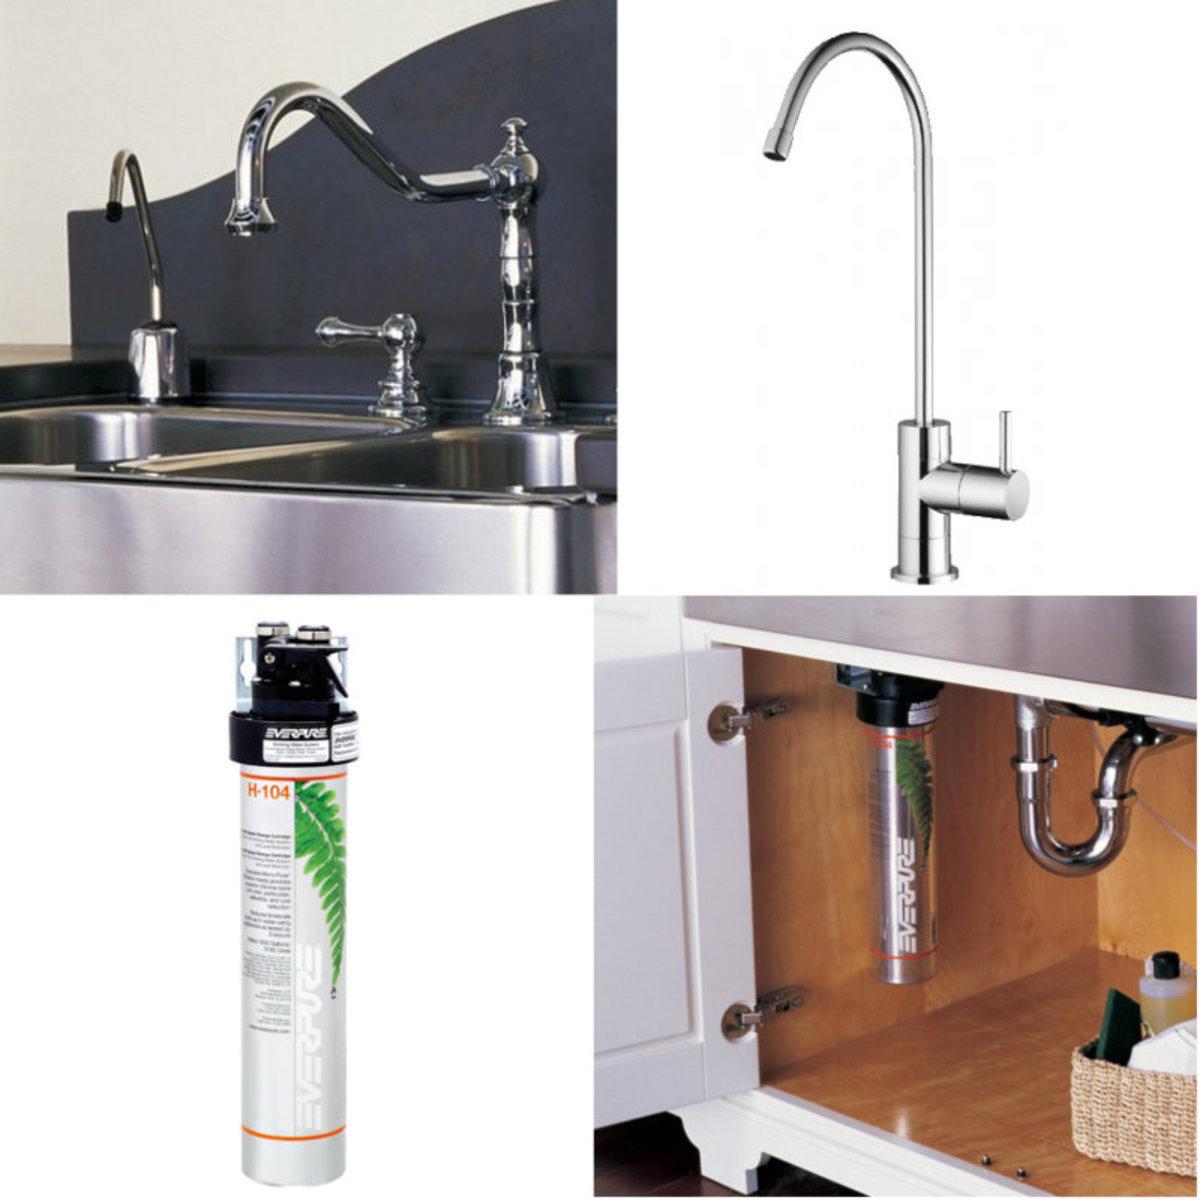 美國專業Everpure檯底式去鉛濾水器 連安裝及無鉛水嚨頭